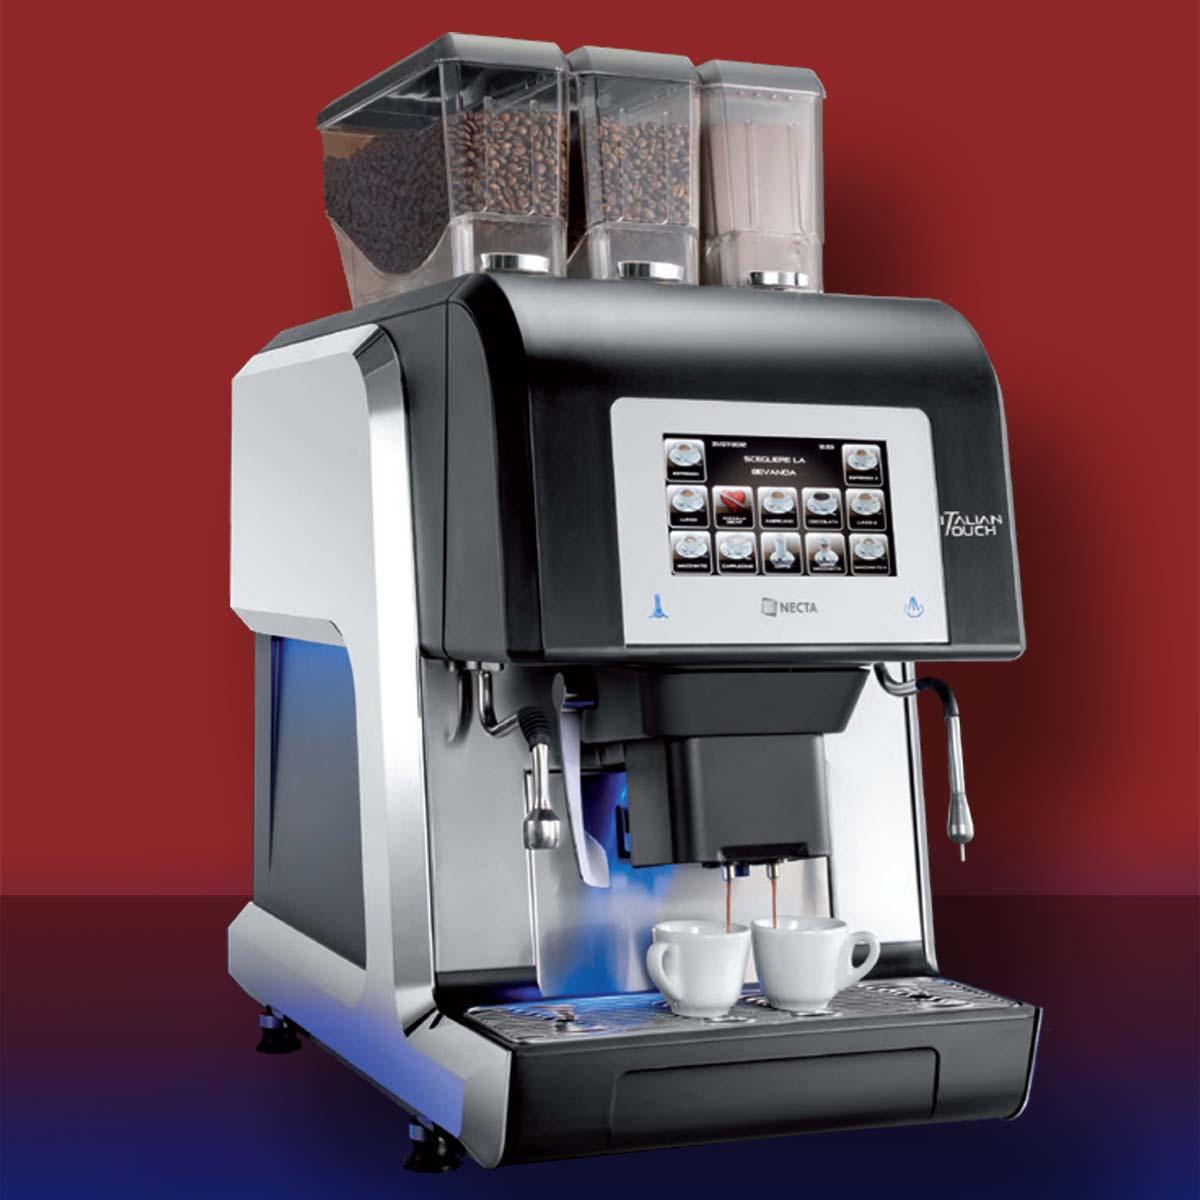 Kaffeautomater til kontorer og forretninger - Kaffemøllen